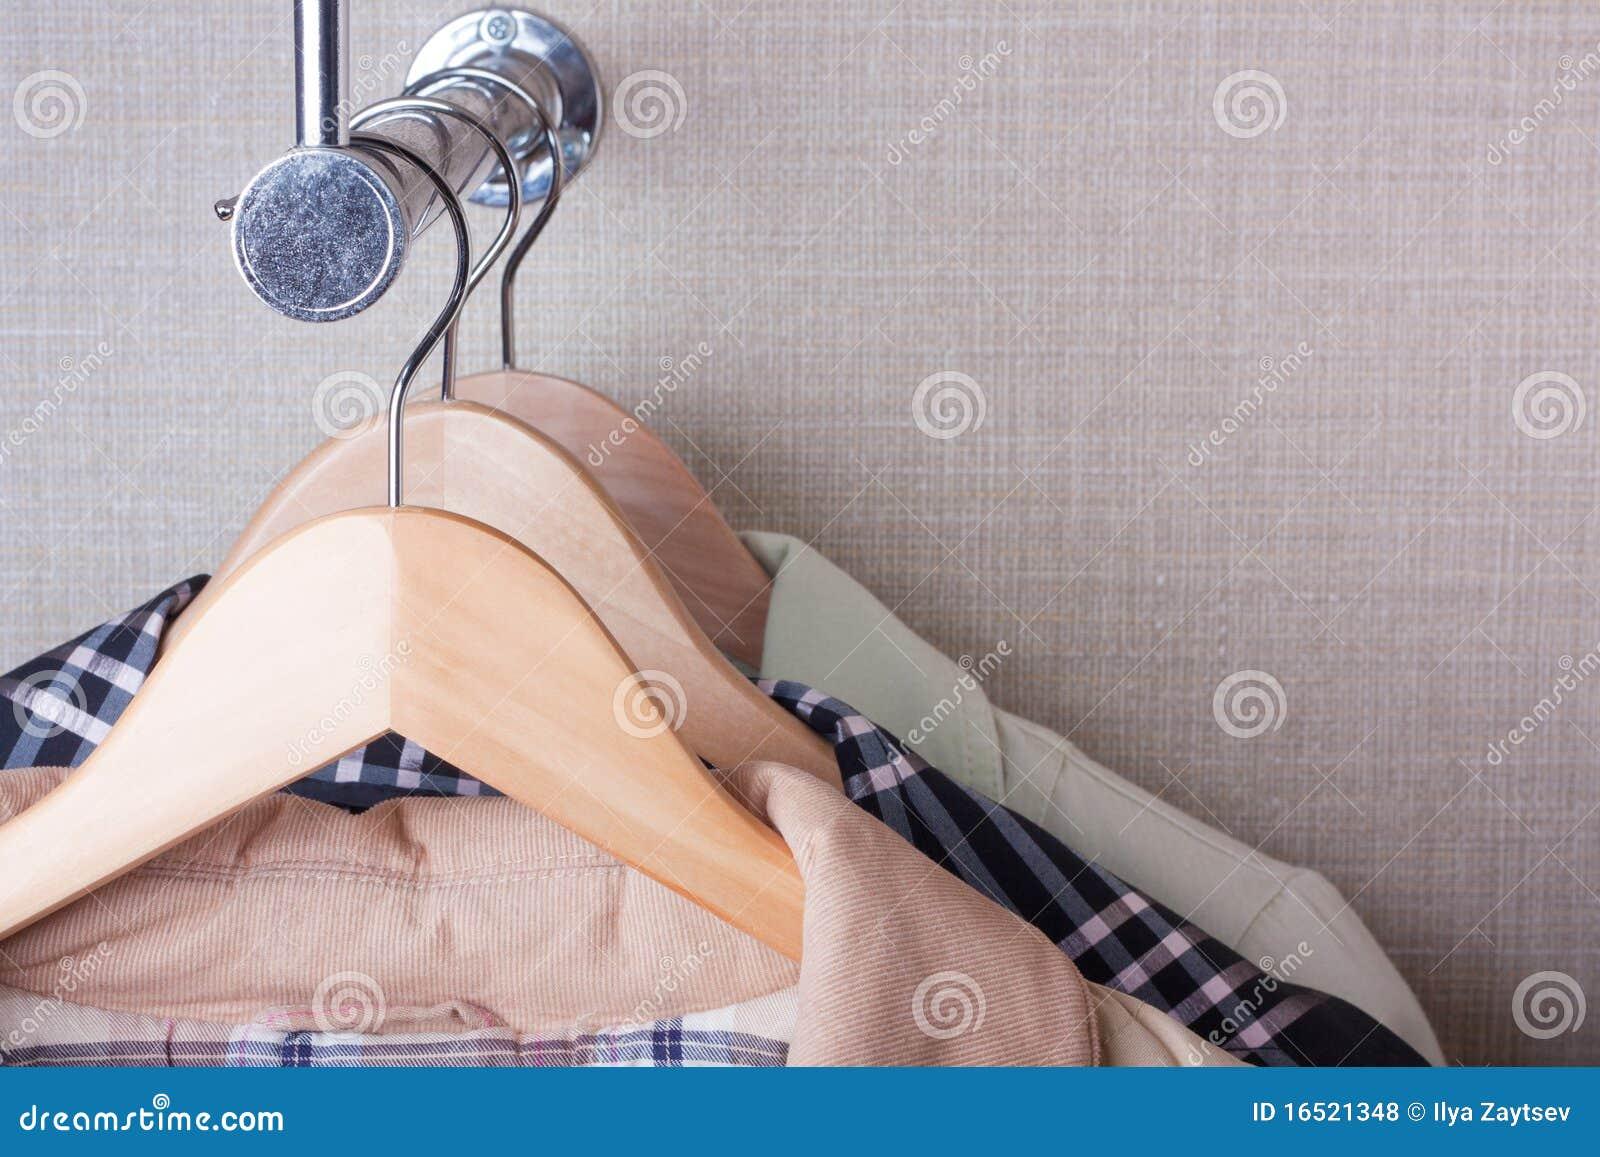 Coat-hangers on rack